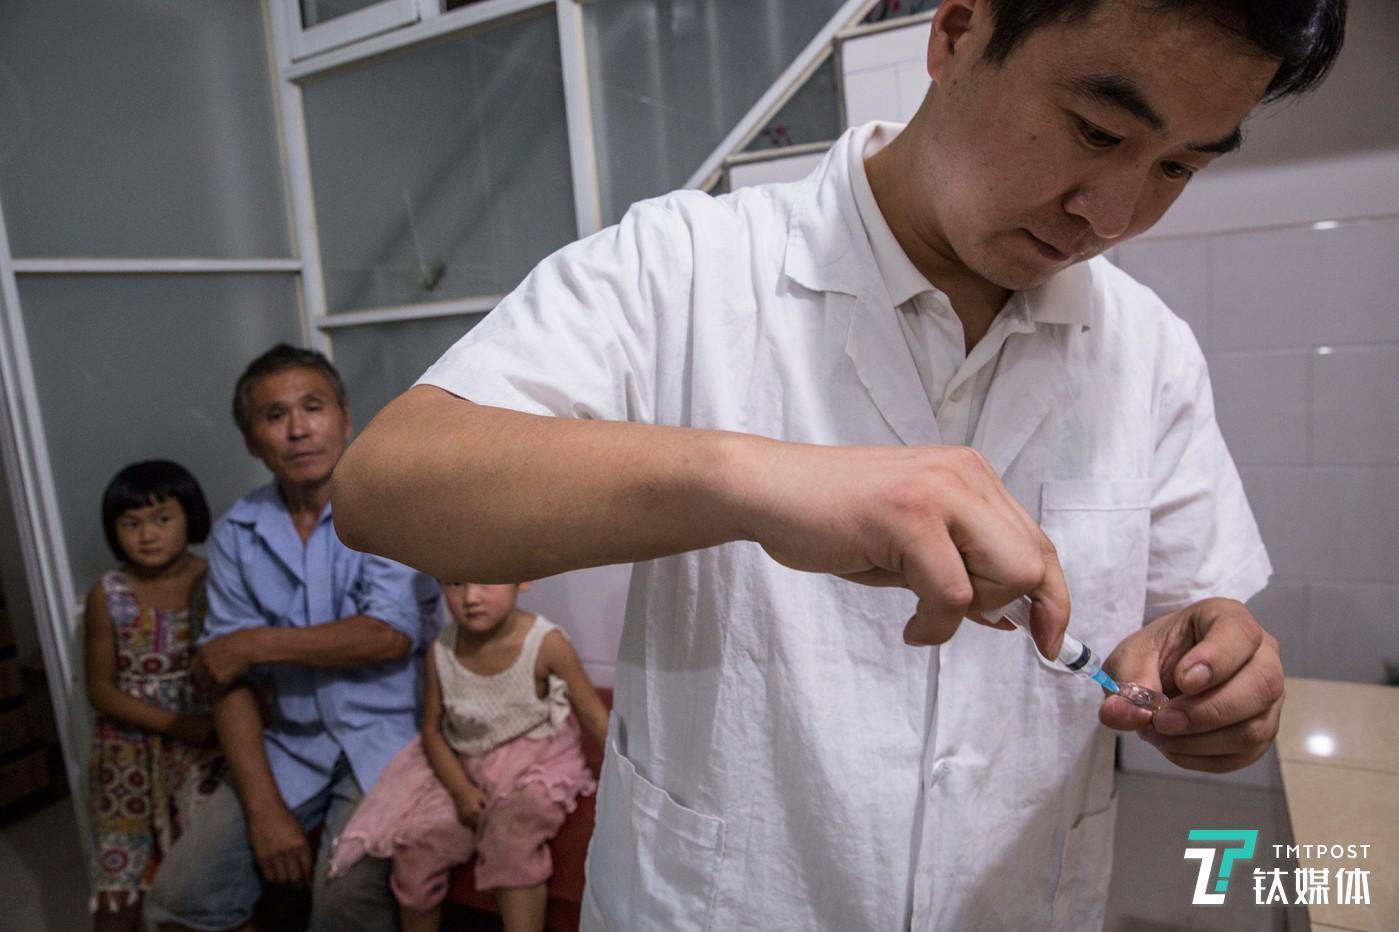 乡村医生。河南新乡,乡村医生师进峰准备给一名患感冒的留守儿童打针。